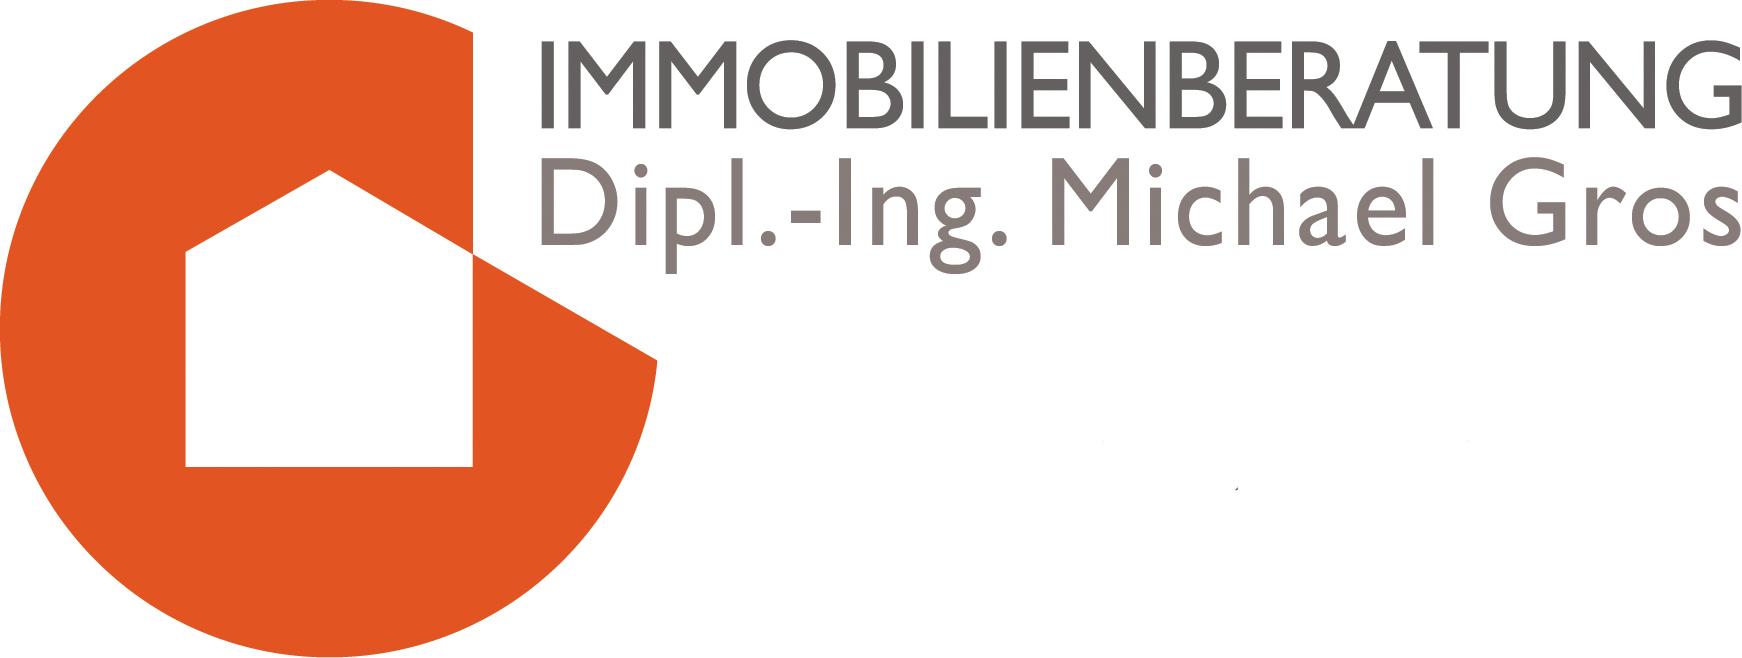 Hier sehen Sie das Logo von IMMOBILIENBERATUNG Dipl.-Ing. Michael Gros